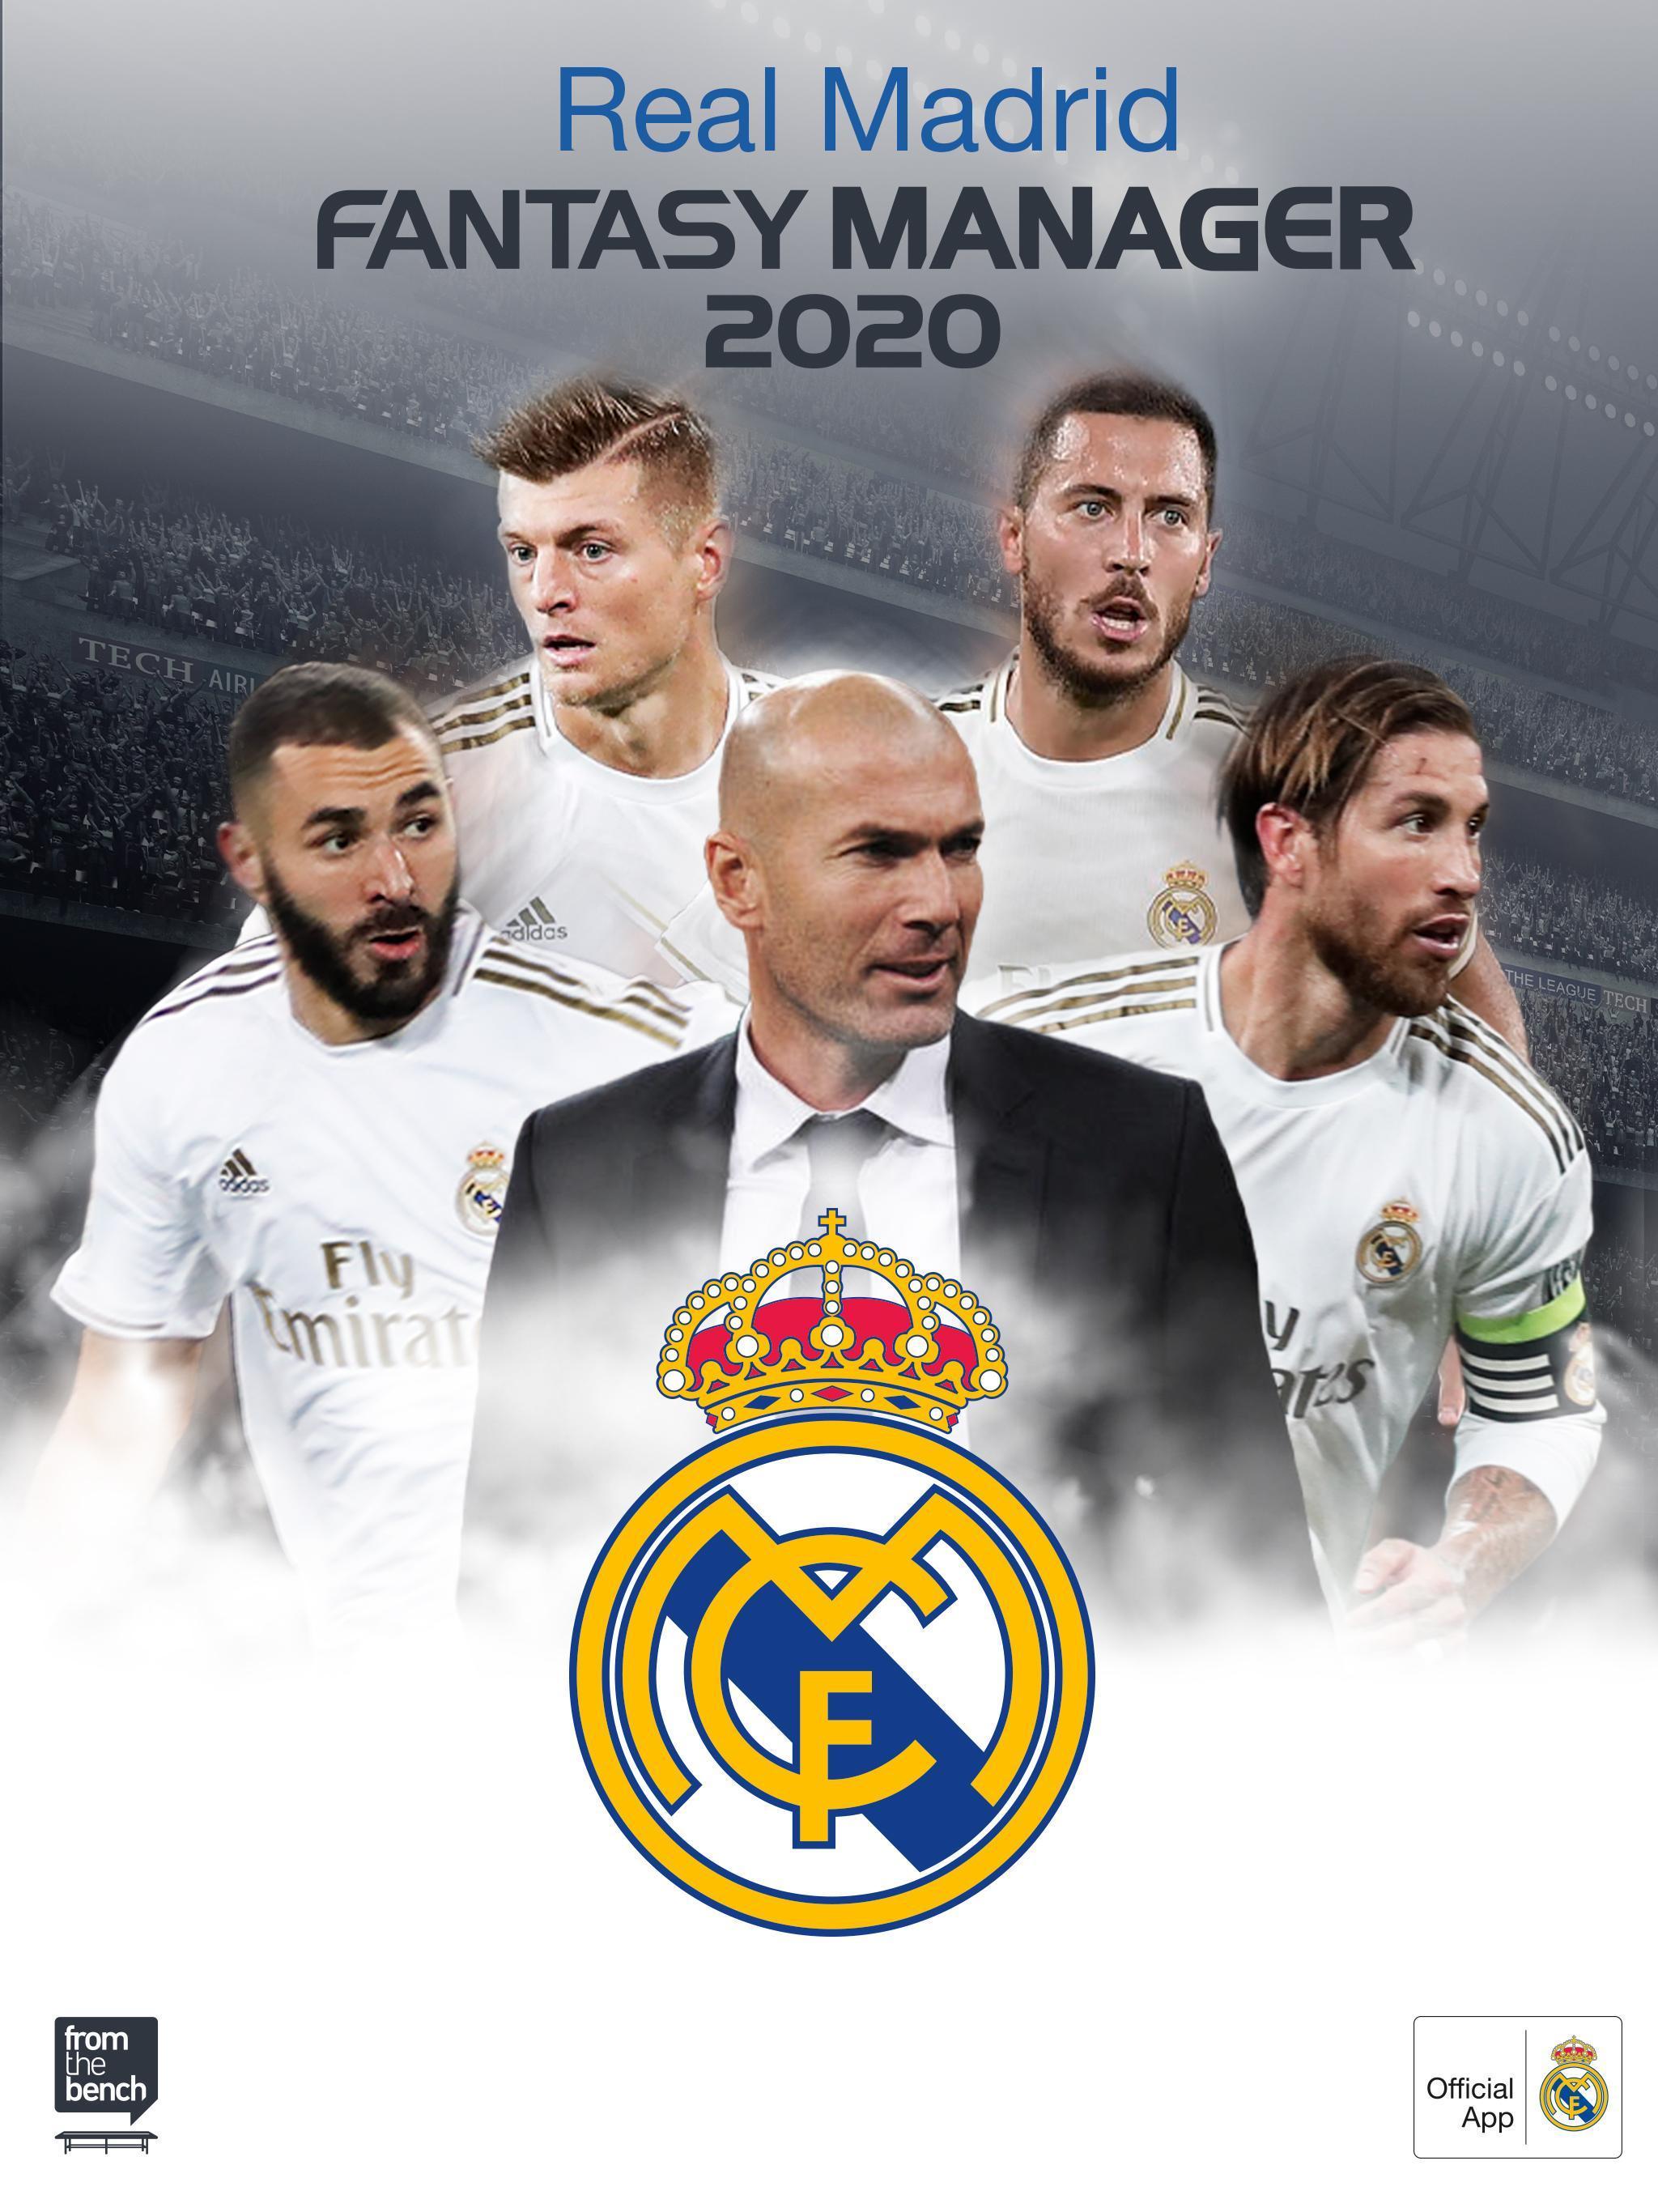 Real Madrid Fantasy Manager'20 Real football live screenshot 5